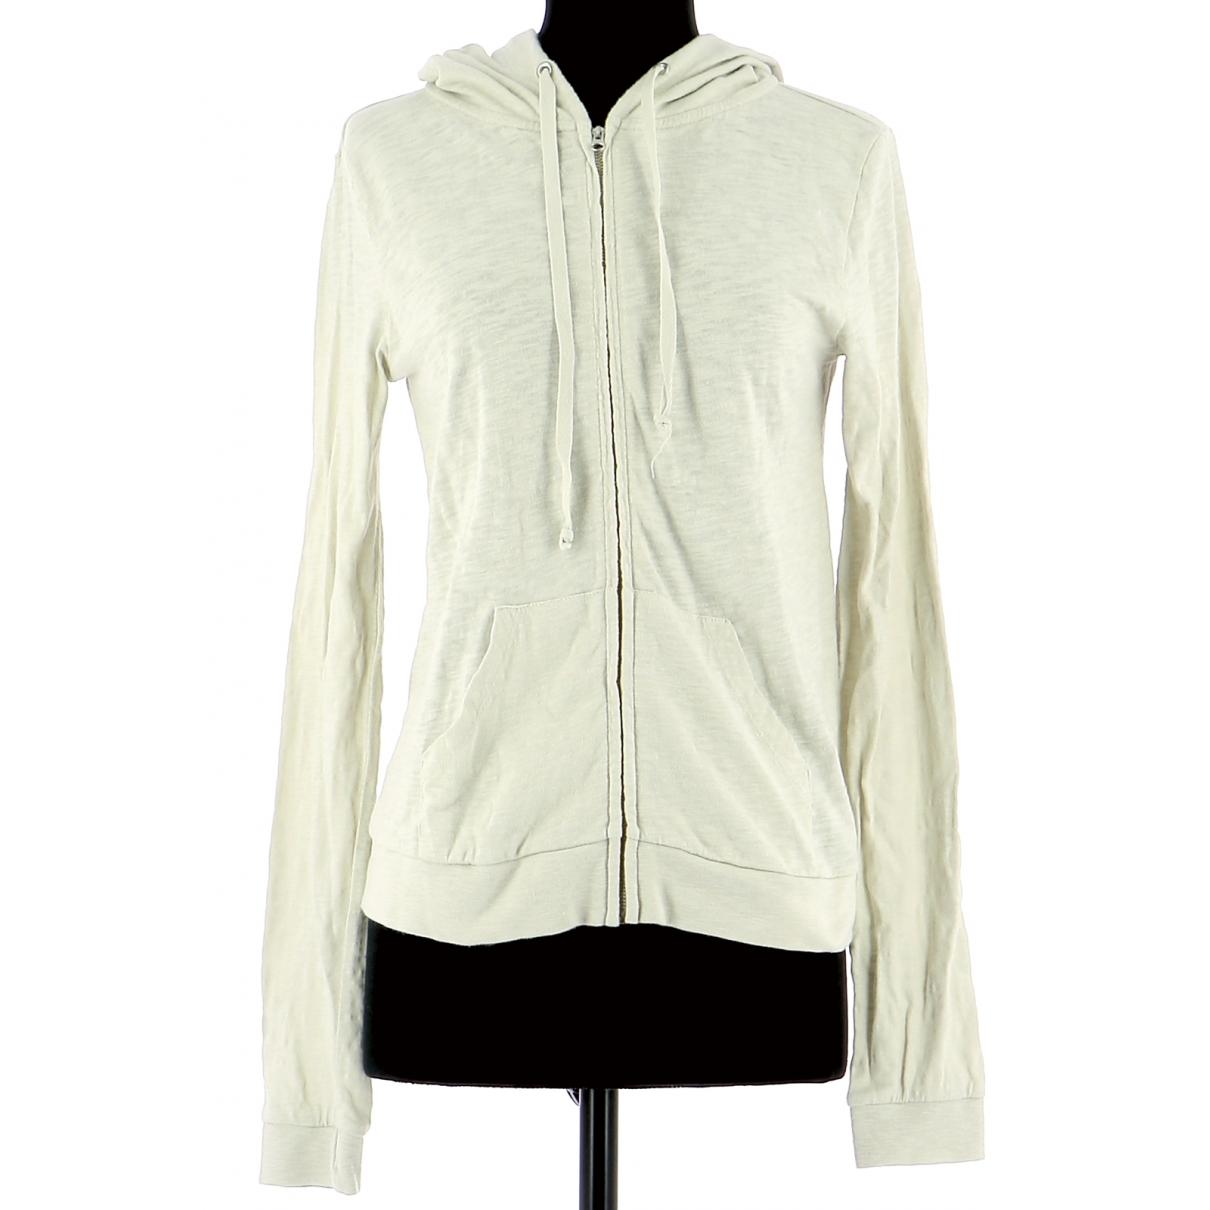 American Vintage - Pull   pour femme en coton - blanc